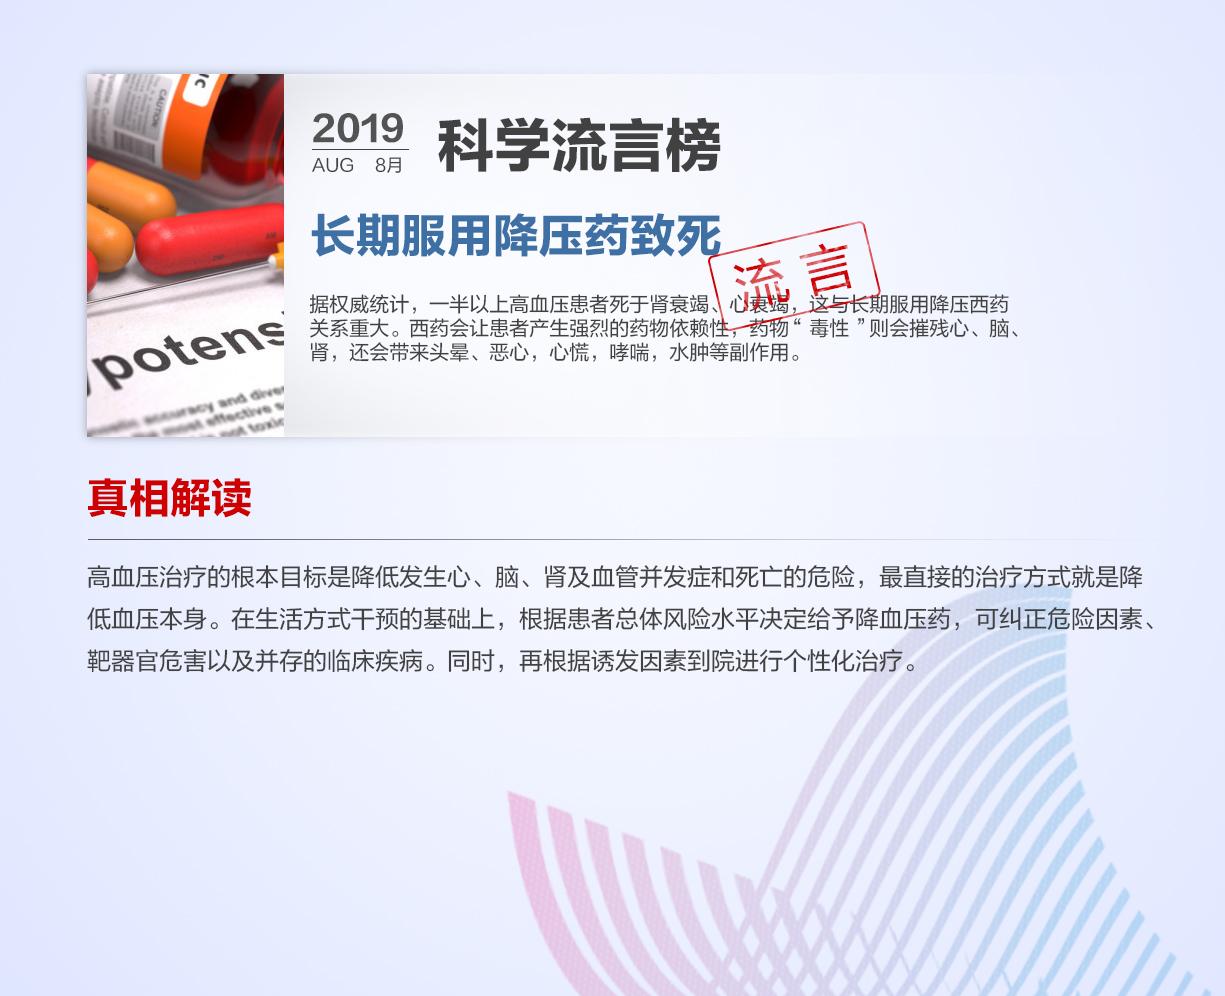 中国科协发布8月